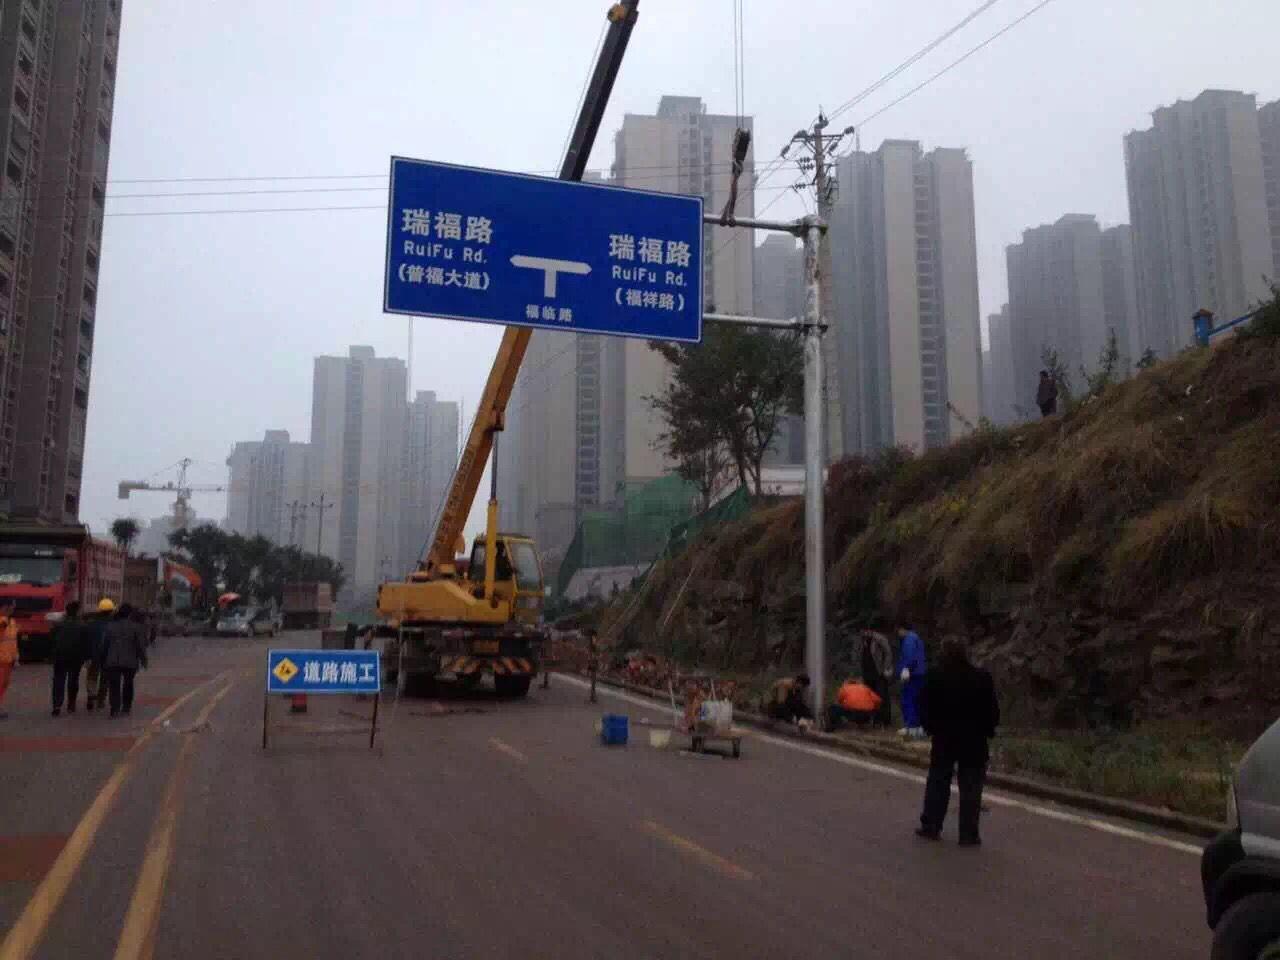 重庆交通道路标识标志牌生产安装施工公司